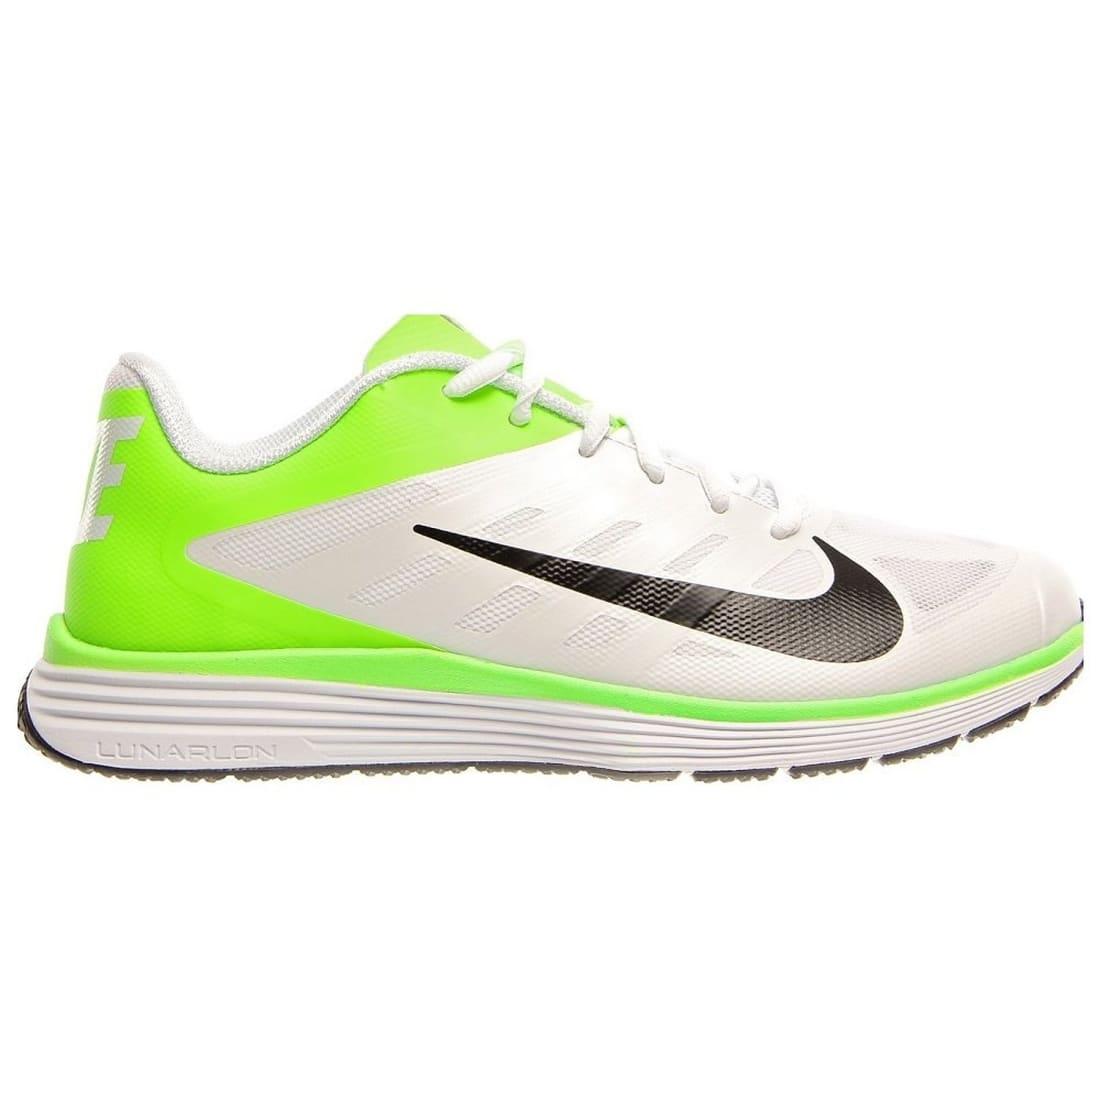 promo code 642e6 1454d Nike Lunar Vapor Trainer